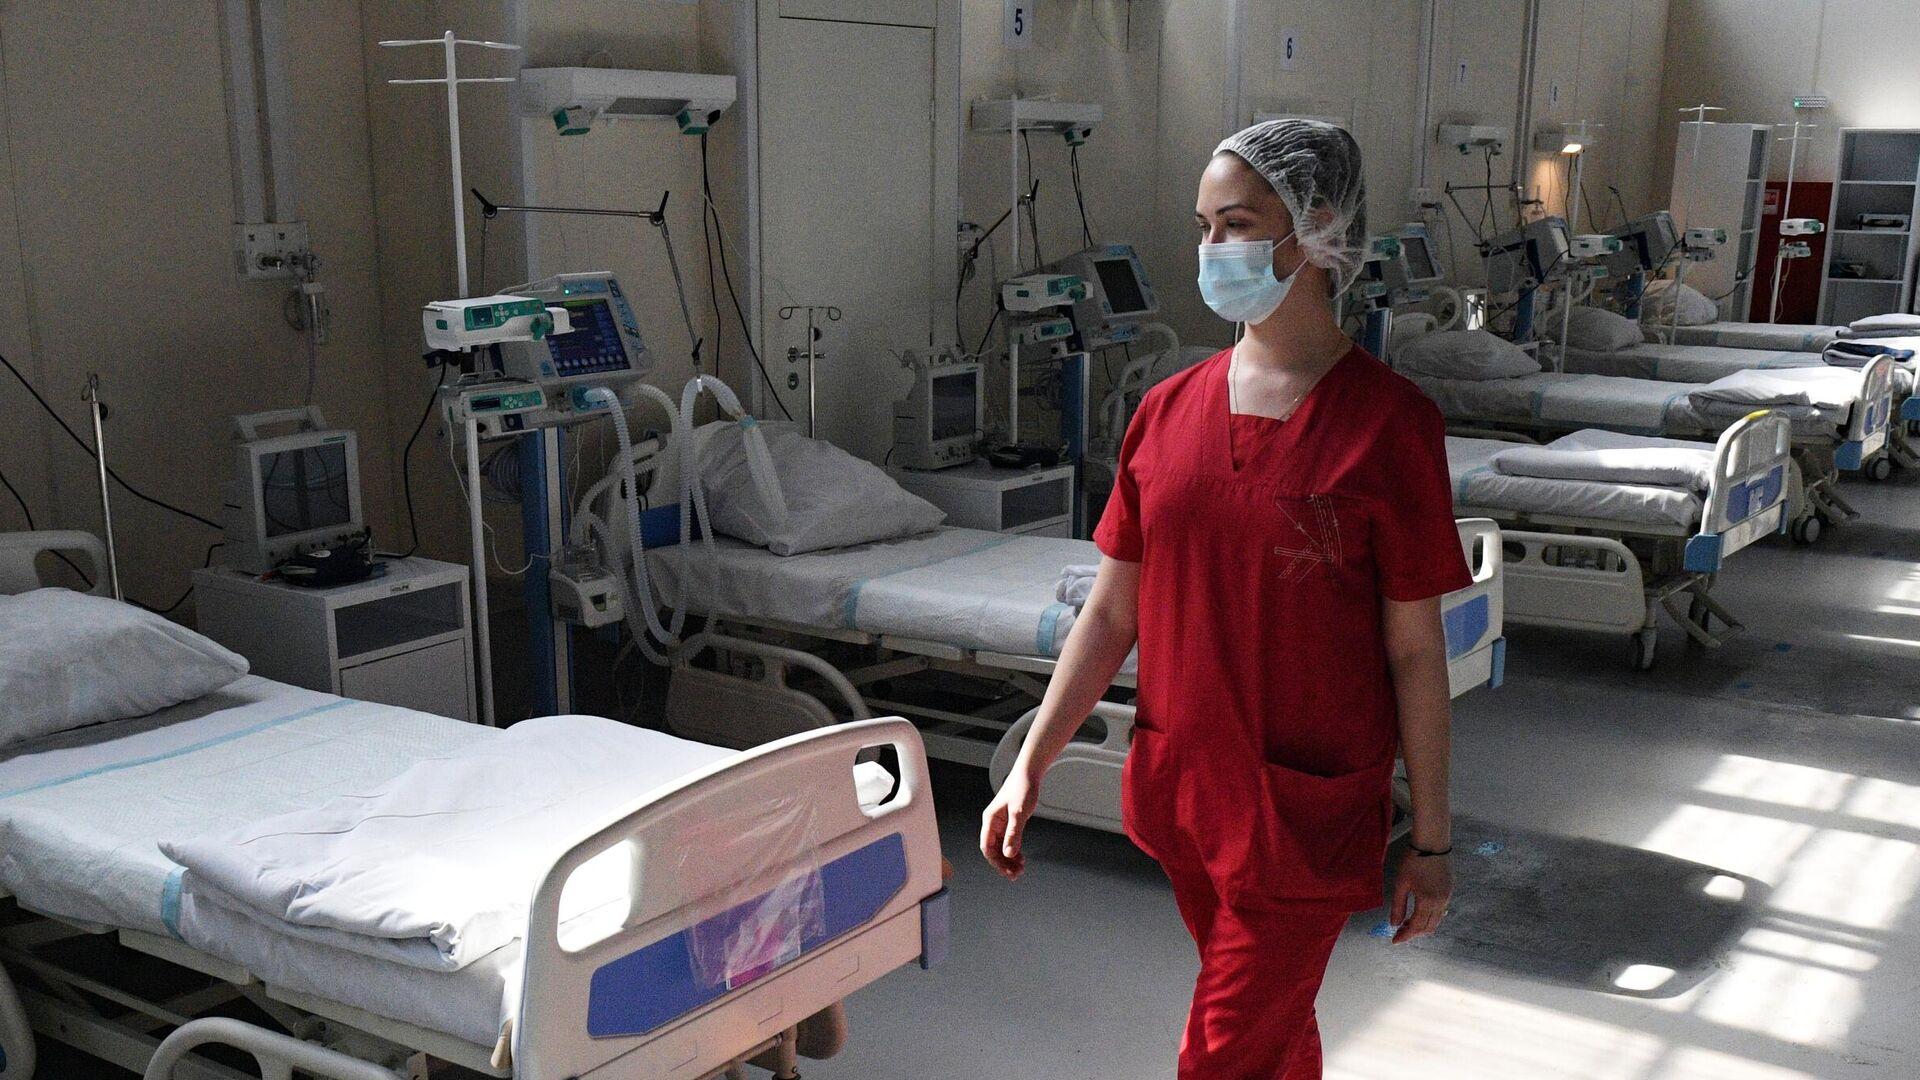 Медицинский работник в отделении реанимации и интенсивной терапии - РИА Новости, 1920, 05.06.2021